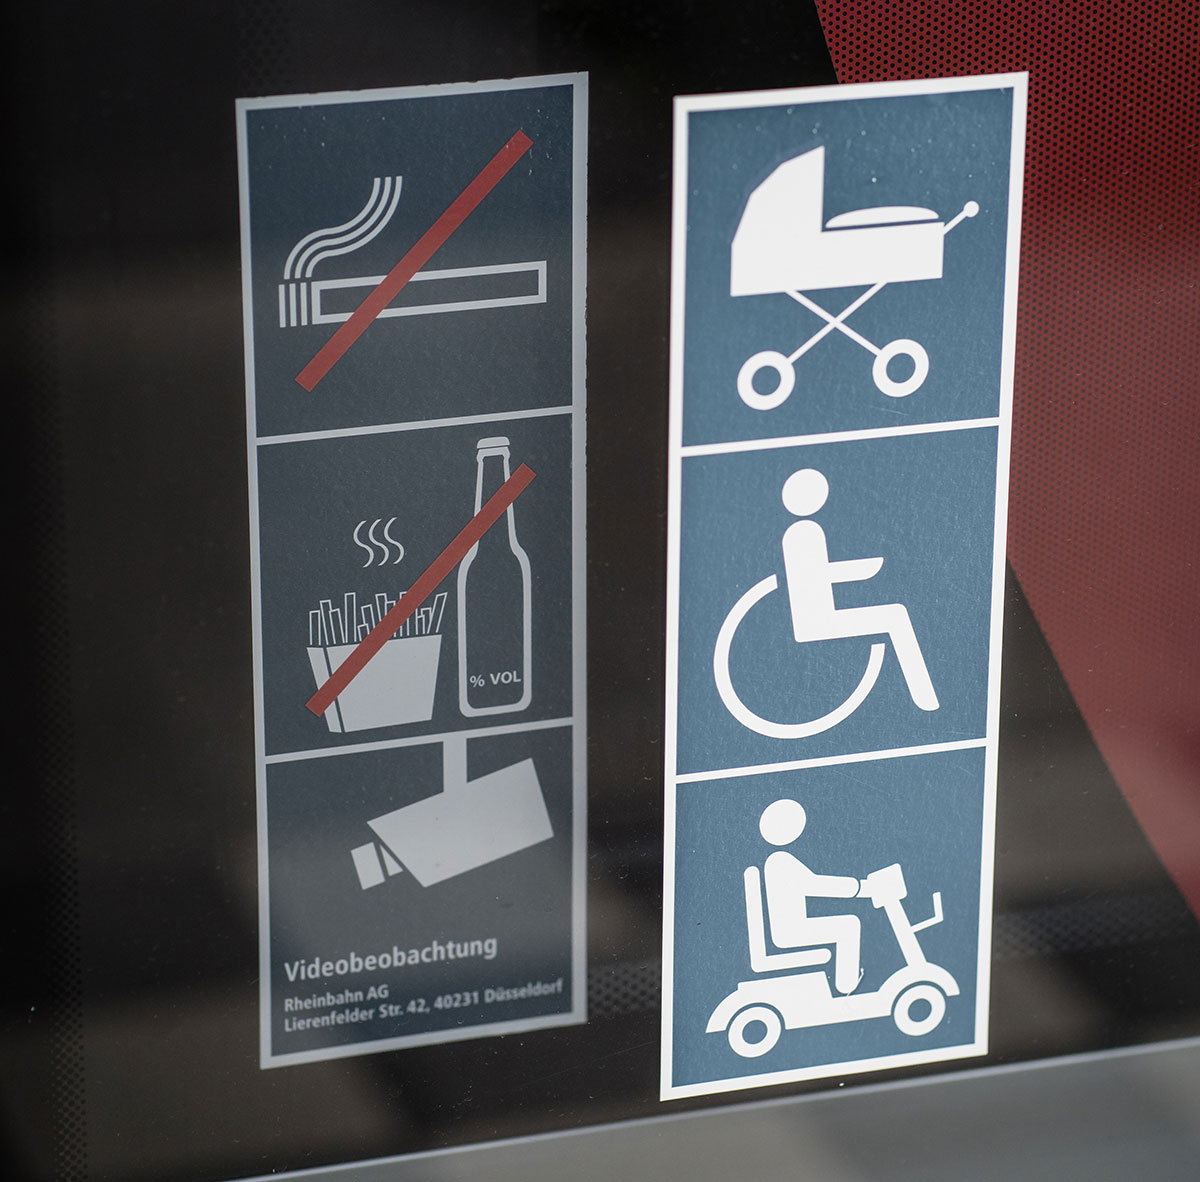 An den Türen aller Busse und Bahnen sind solche Bilder, also Piktogramme. Die zeigen an, wer alles in diesen Fahrzeugen ohne Probleme mitfahren kann. In diesem Fall: Menschen mit Kinderwagen, Rollstühlen und Elektro-Mobilen.